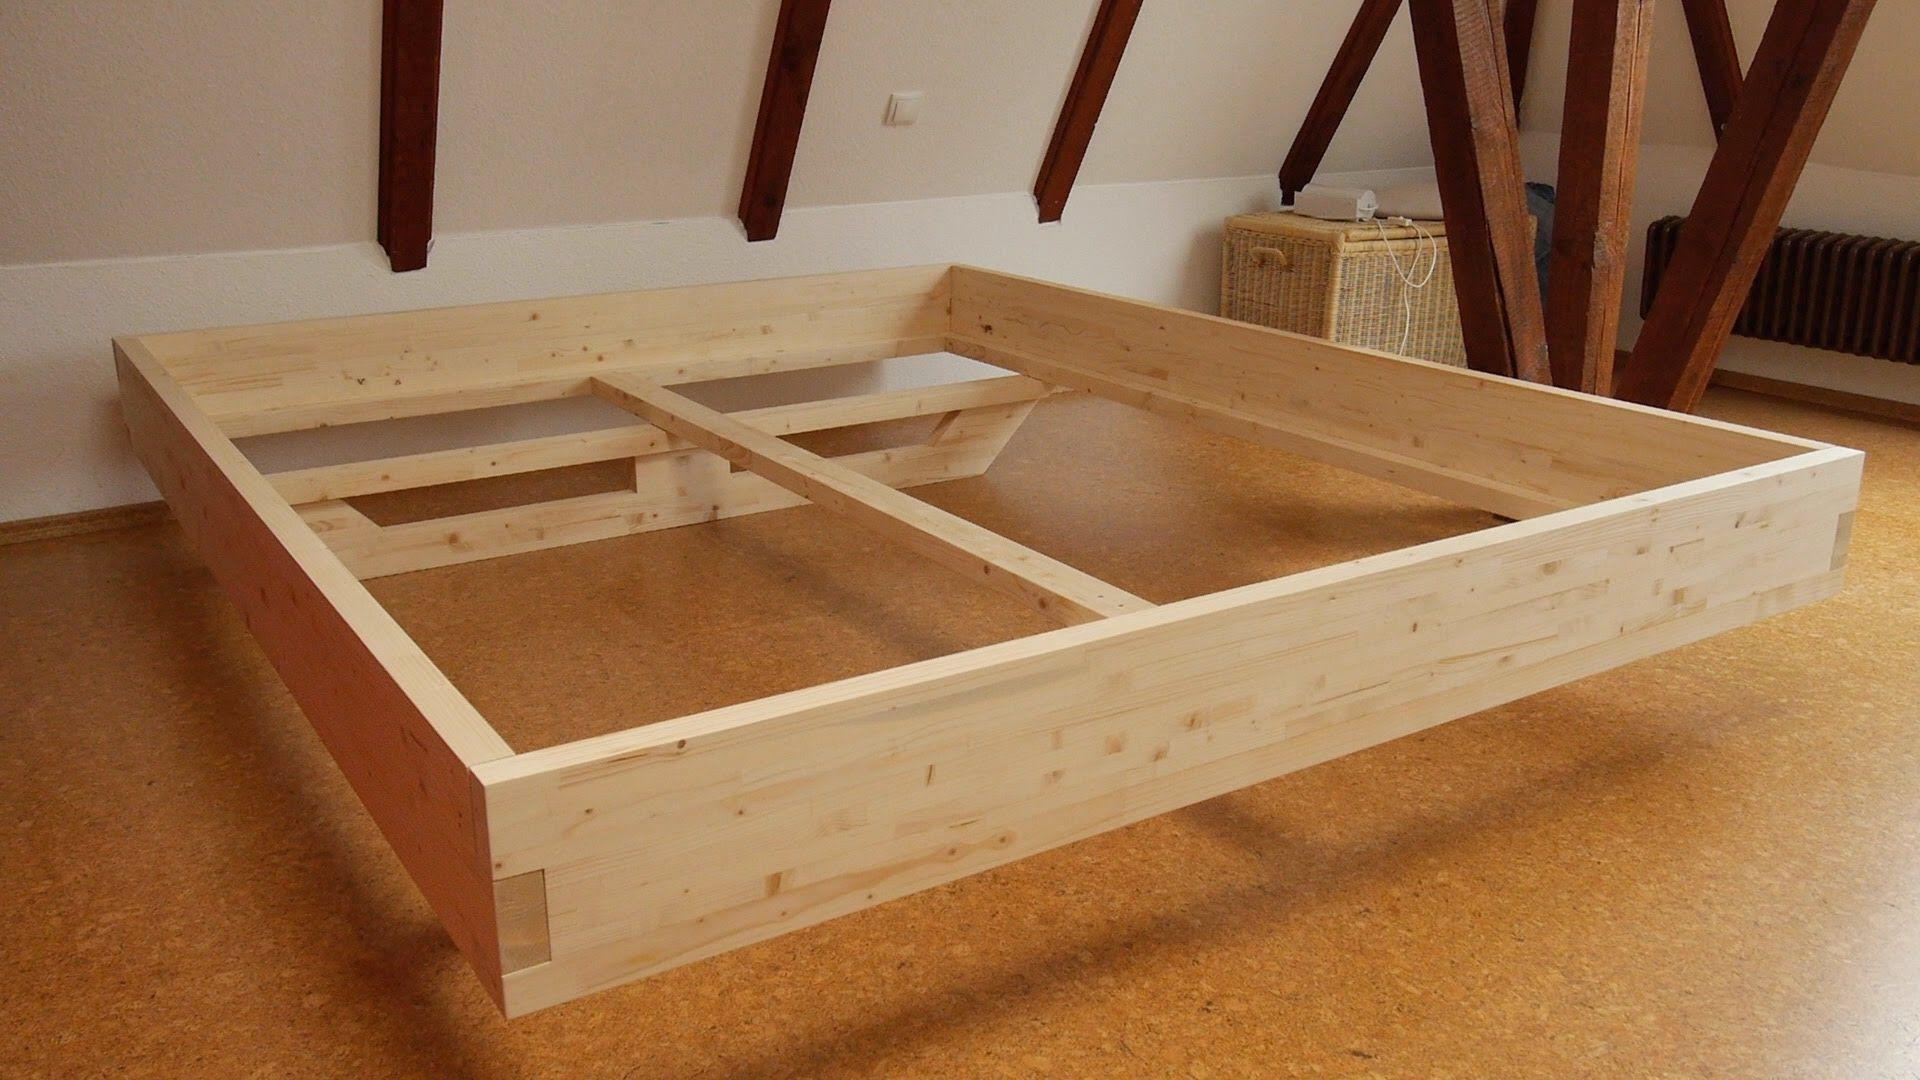 Full Size of Beschreibung Des Eigenbaus Eines Design Bettes Aus Massivem Holz Bett 180x220 Wohnzimmer Komplettbett 180x220